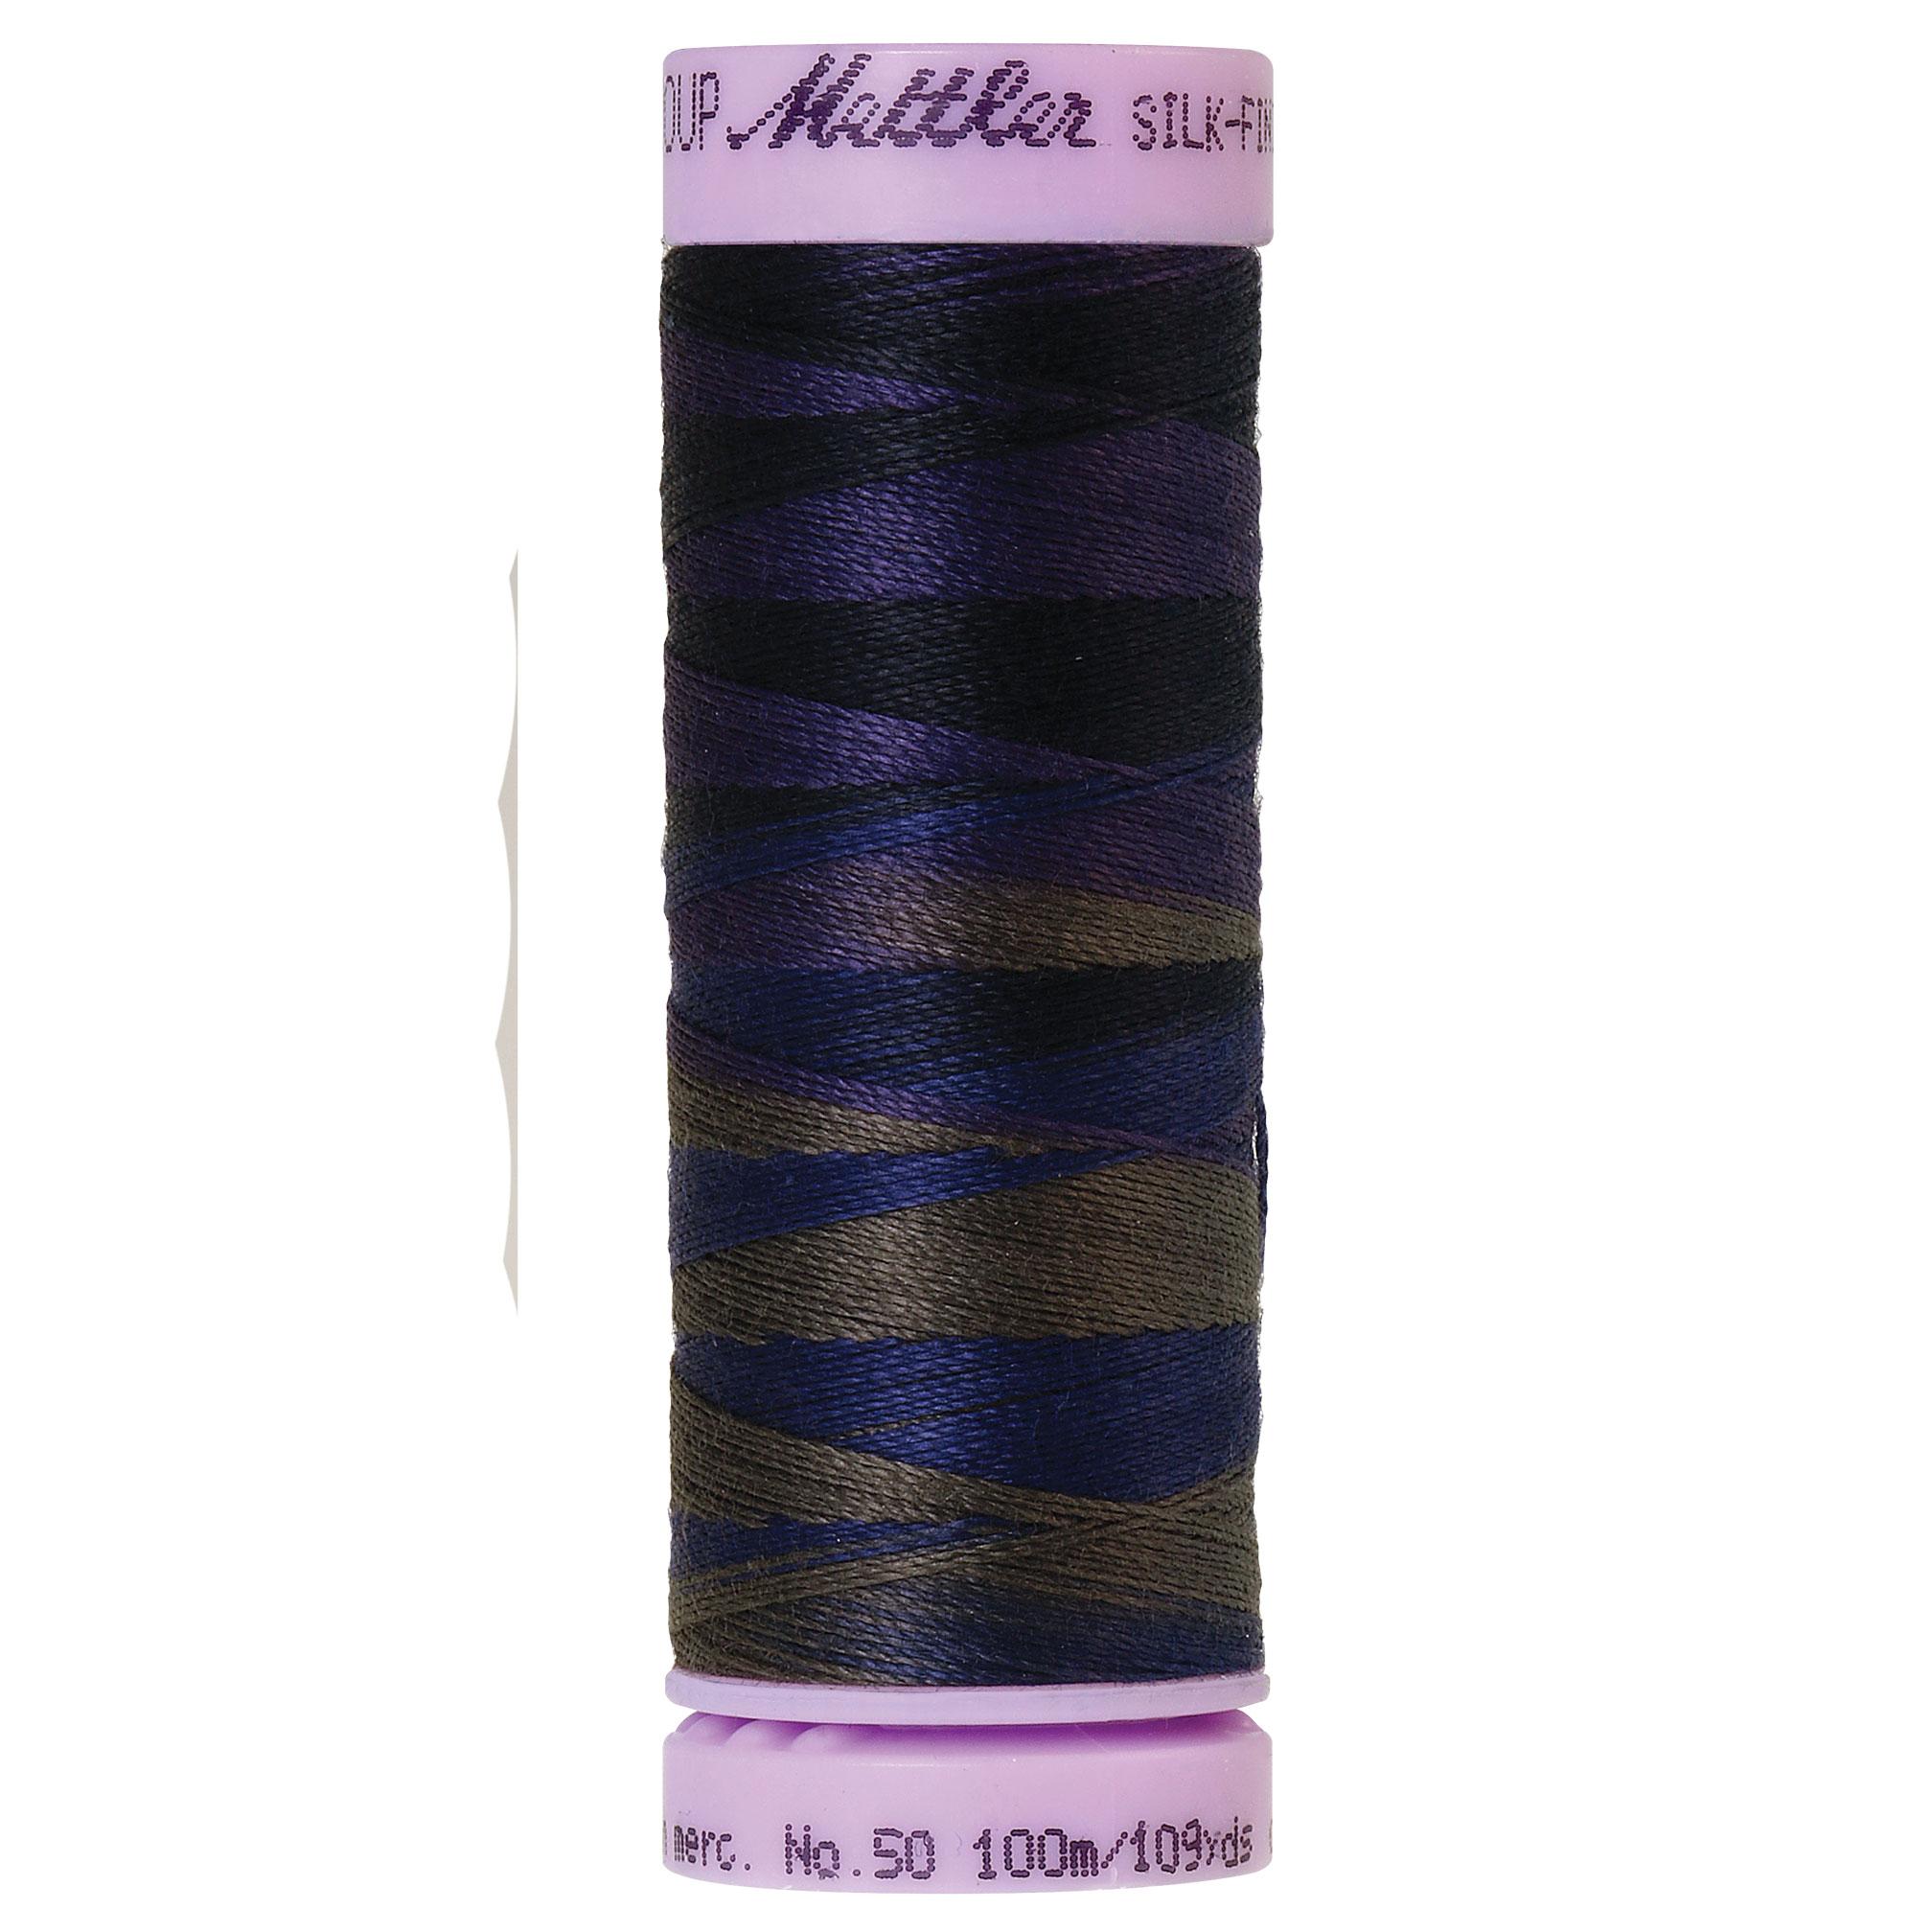 Silk Finish cotton 50wt 109 yards Deep Night